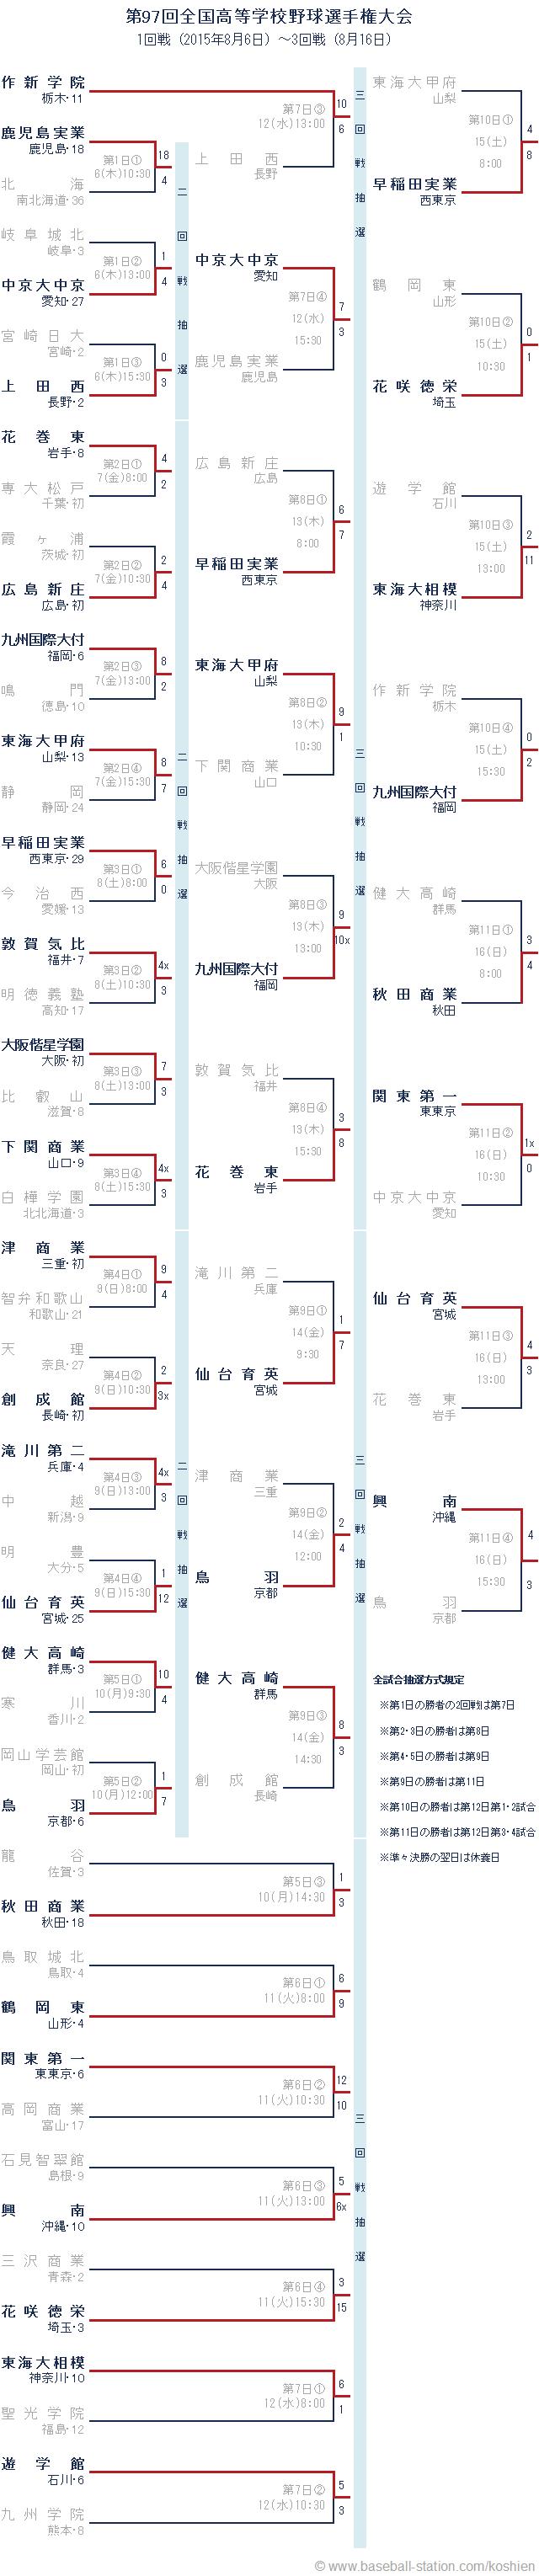 夏の甲子園2015 組み合わせ 1回戦~3回戦